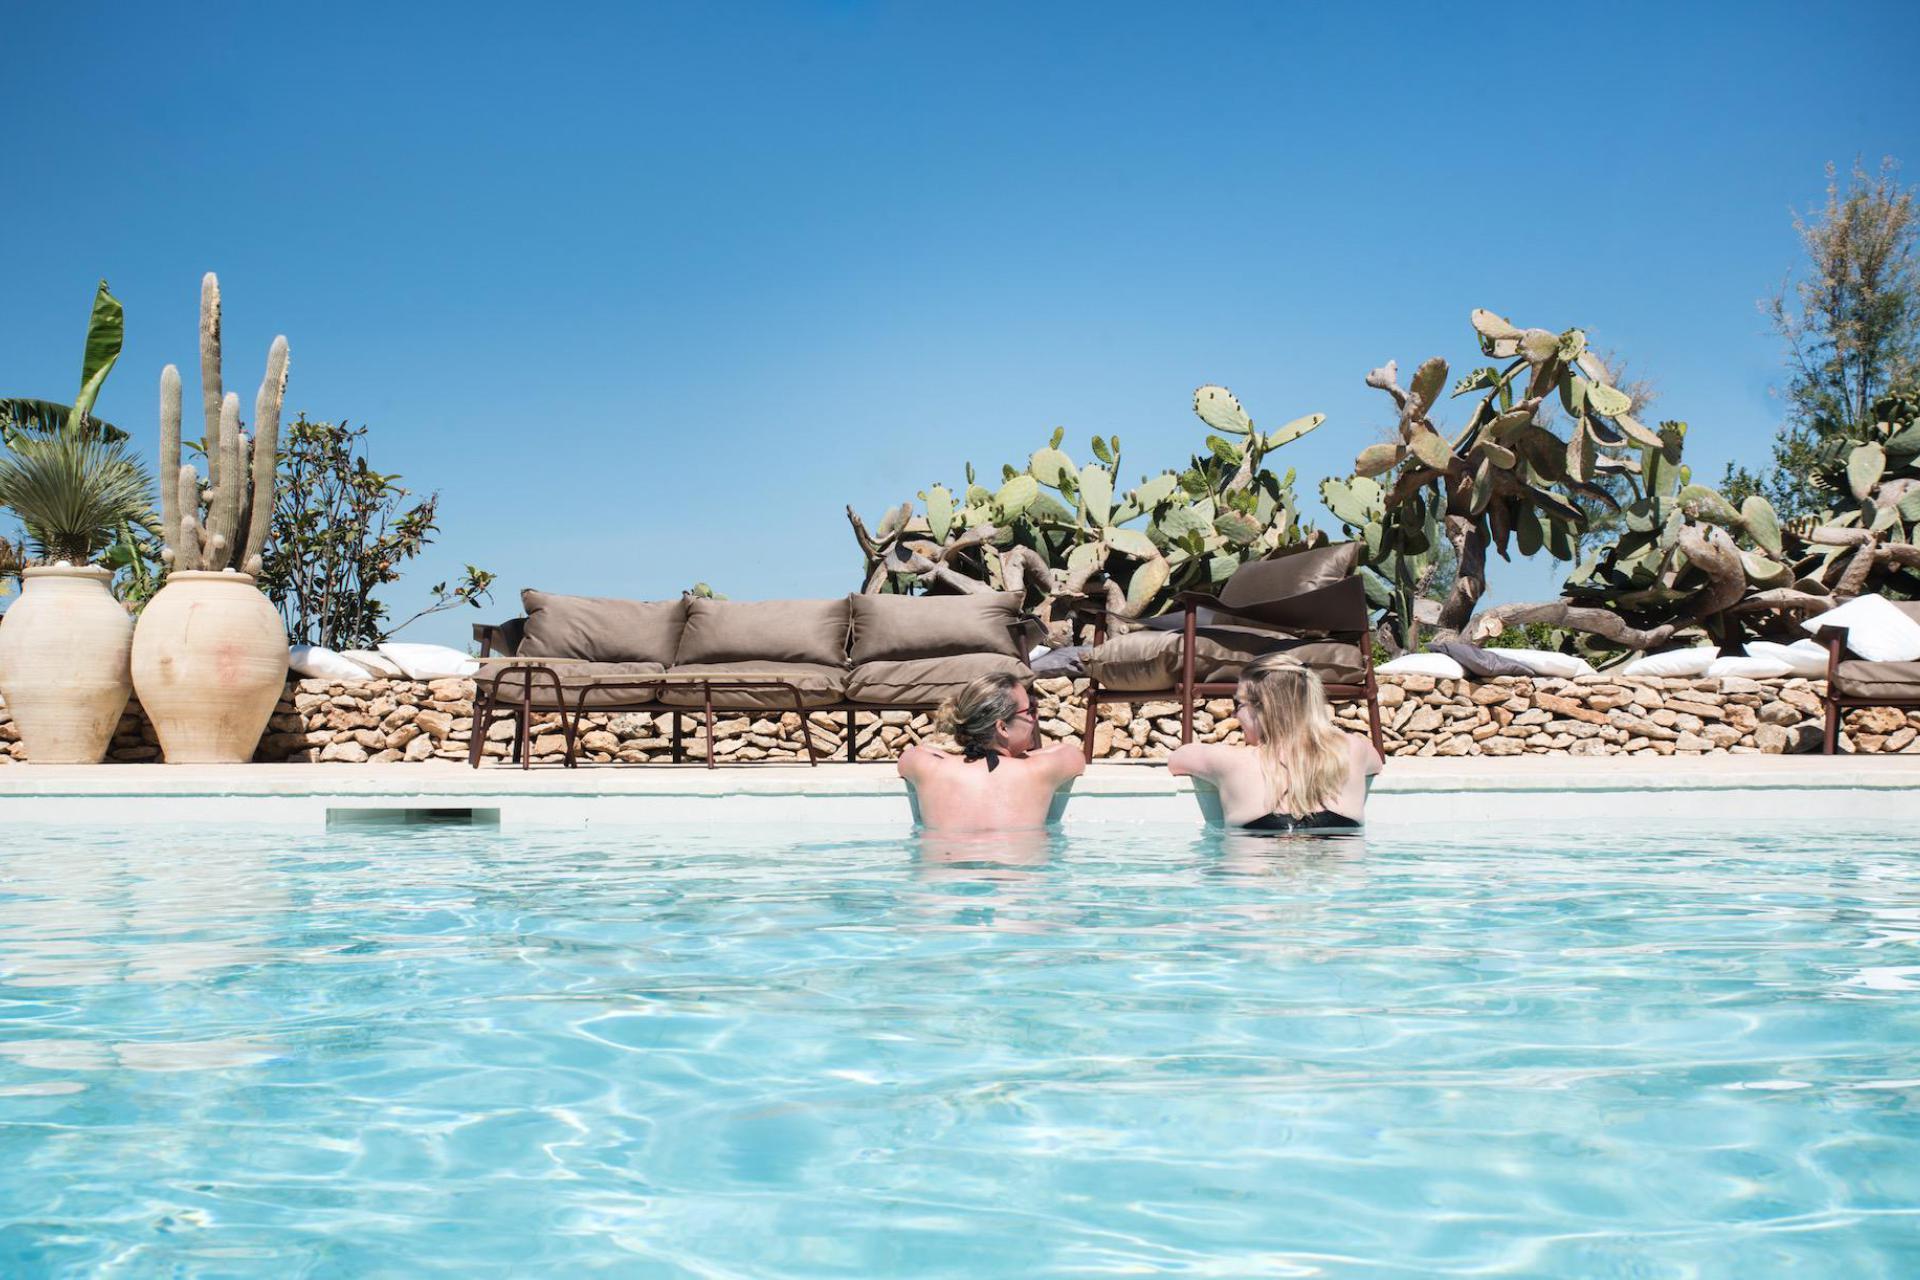 Agriturismo Sicilie Authentieke agriturismo bij zee met romantische binnenplaats